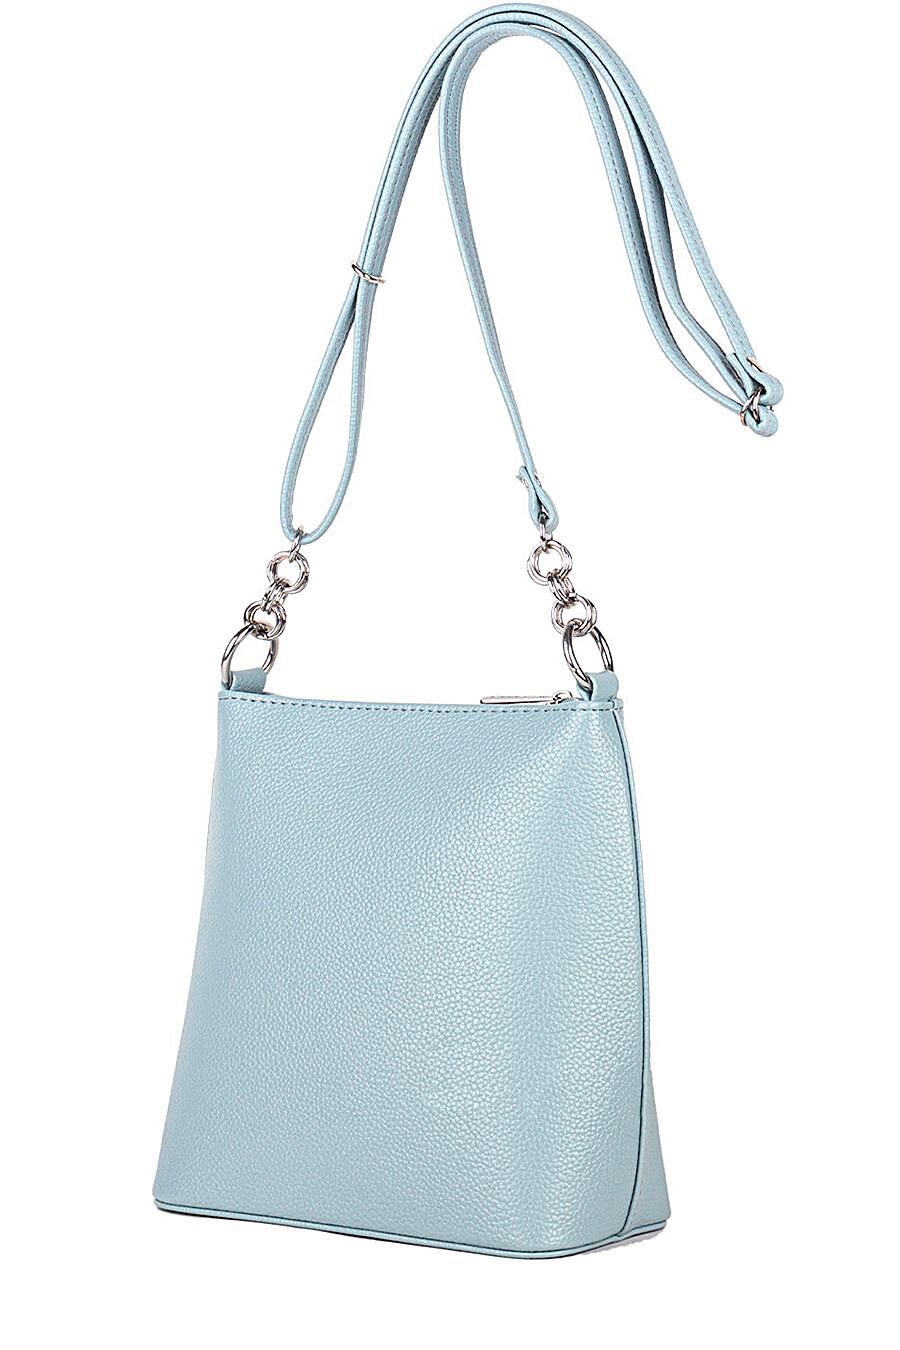 Сумка для женщин L-CRAFT 668281 купить оптом от производителя. Совместная покупка женской одежды в OptMoyo